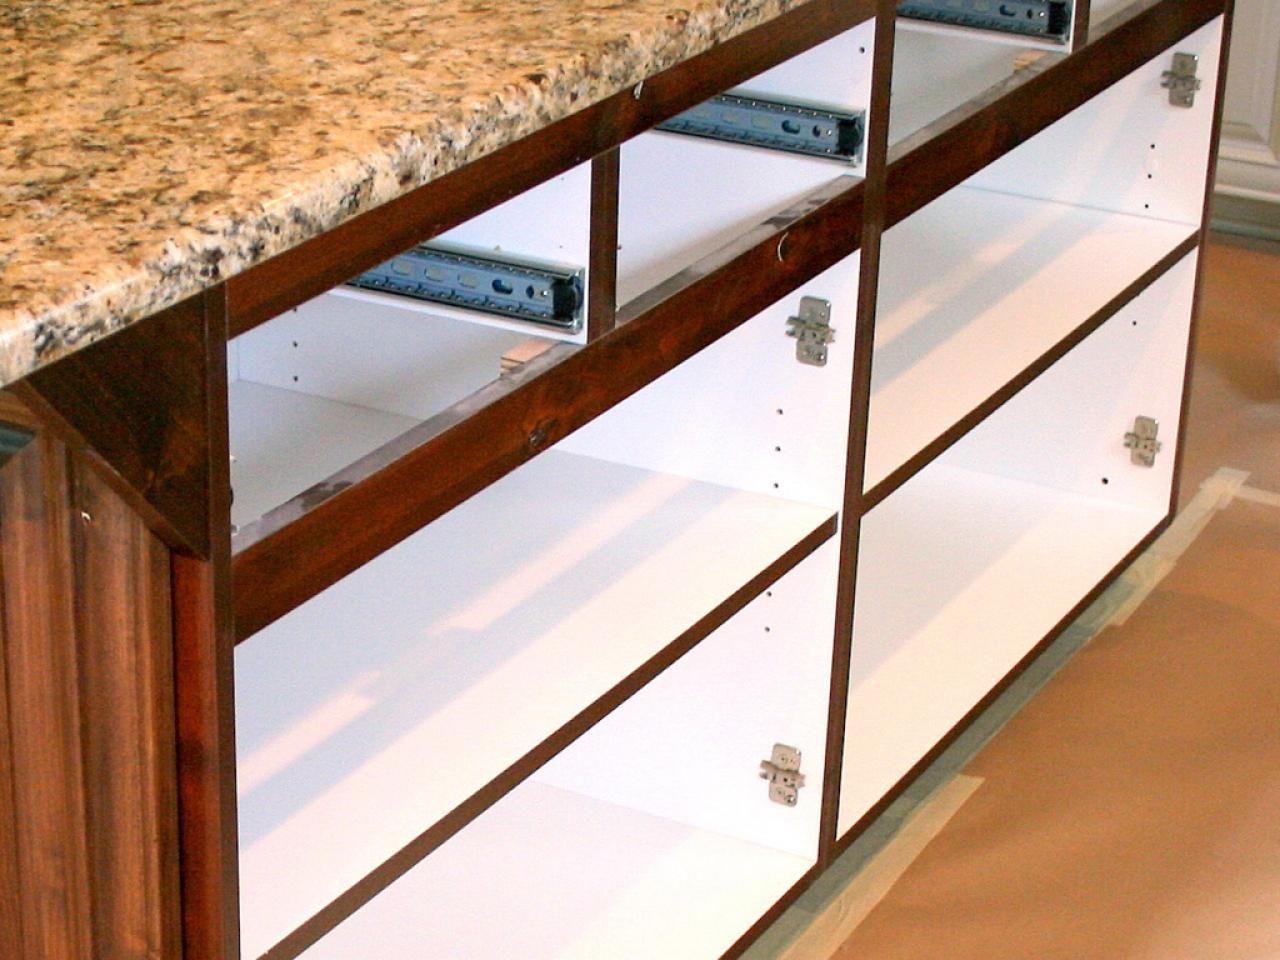 Küche Schrank Schublade Ersatz Dies ist die neueste Informationen ...